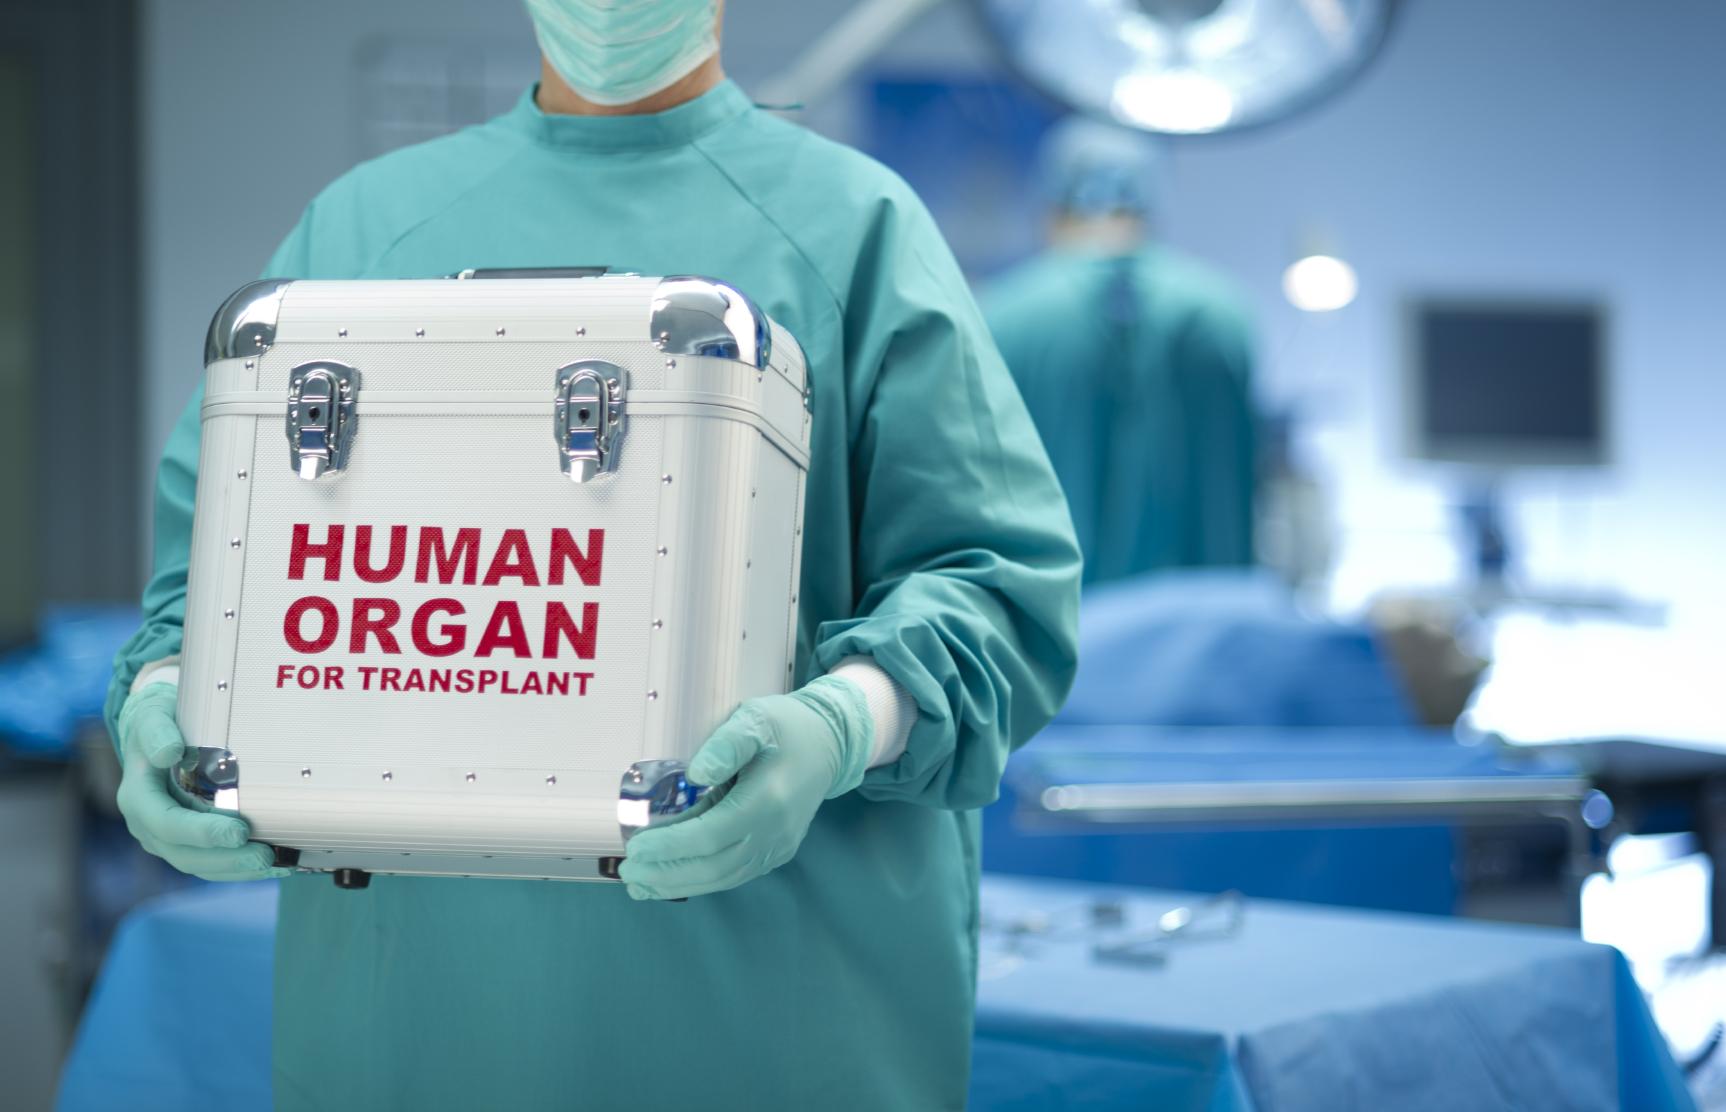 Per vienuolika šių metų mėnesių Lietuvoje iš viso atliktos 126 transplantacijos operacijos. 66 pacientams persodinti inkstai (53 – mirusio donoro ir 13 – gyvo donoro inkstai), atlikta 11 širdies, 12 kepenų, 1 plaučių, 1 širdies ir plaučių komplekso, 2 kasos ir inksto komplekso, 33 ragenų transplantacijos. (iStockphoto.com nuotr.)